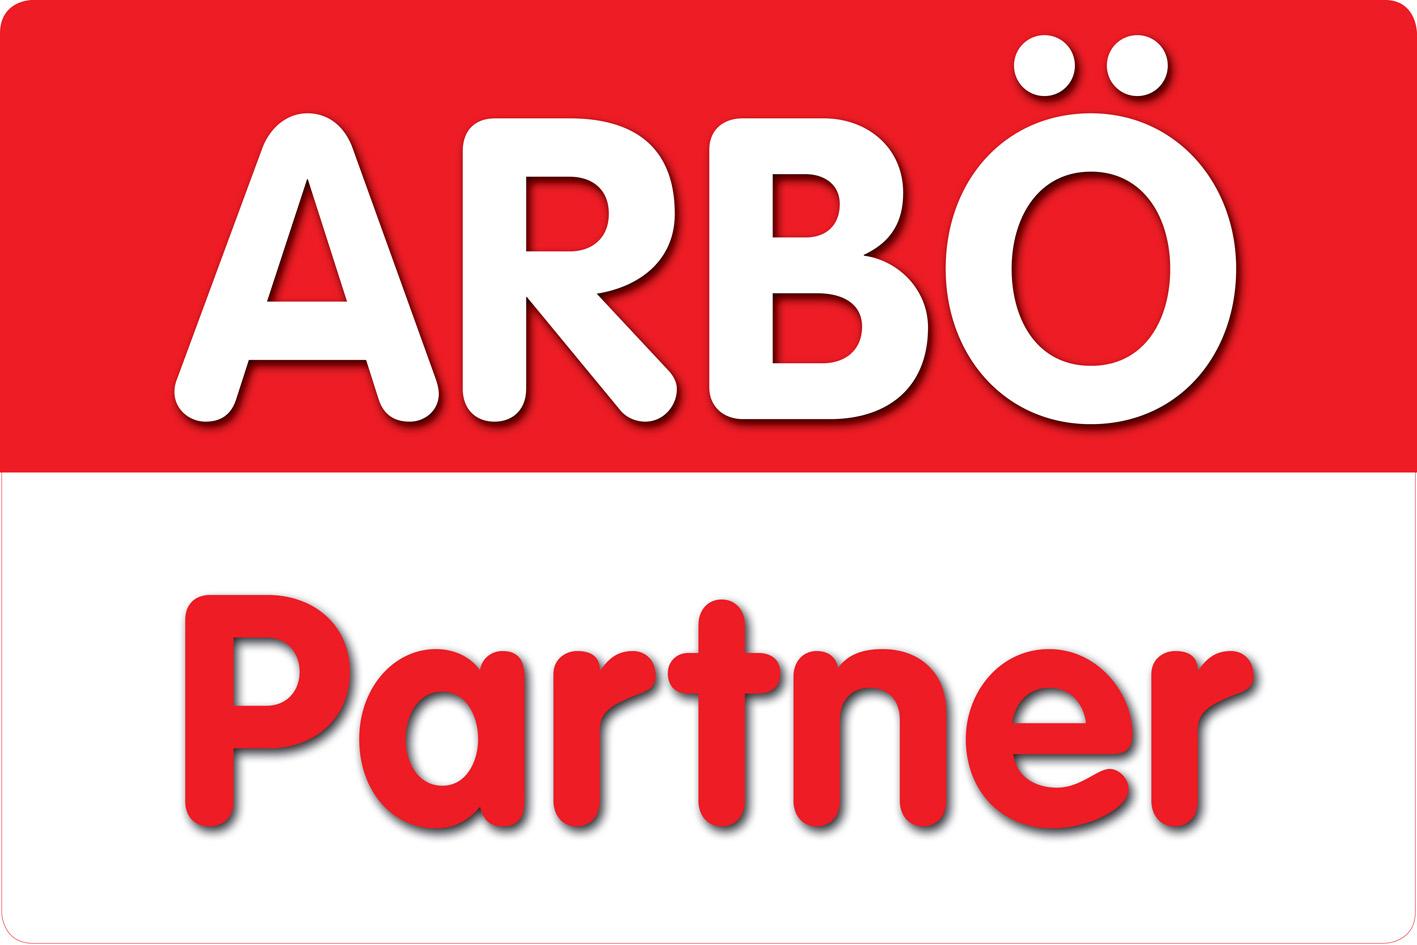 Partner designflagship - Ka internacional ...